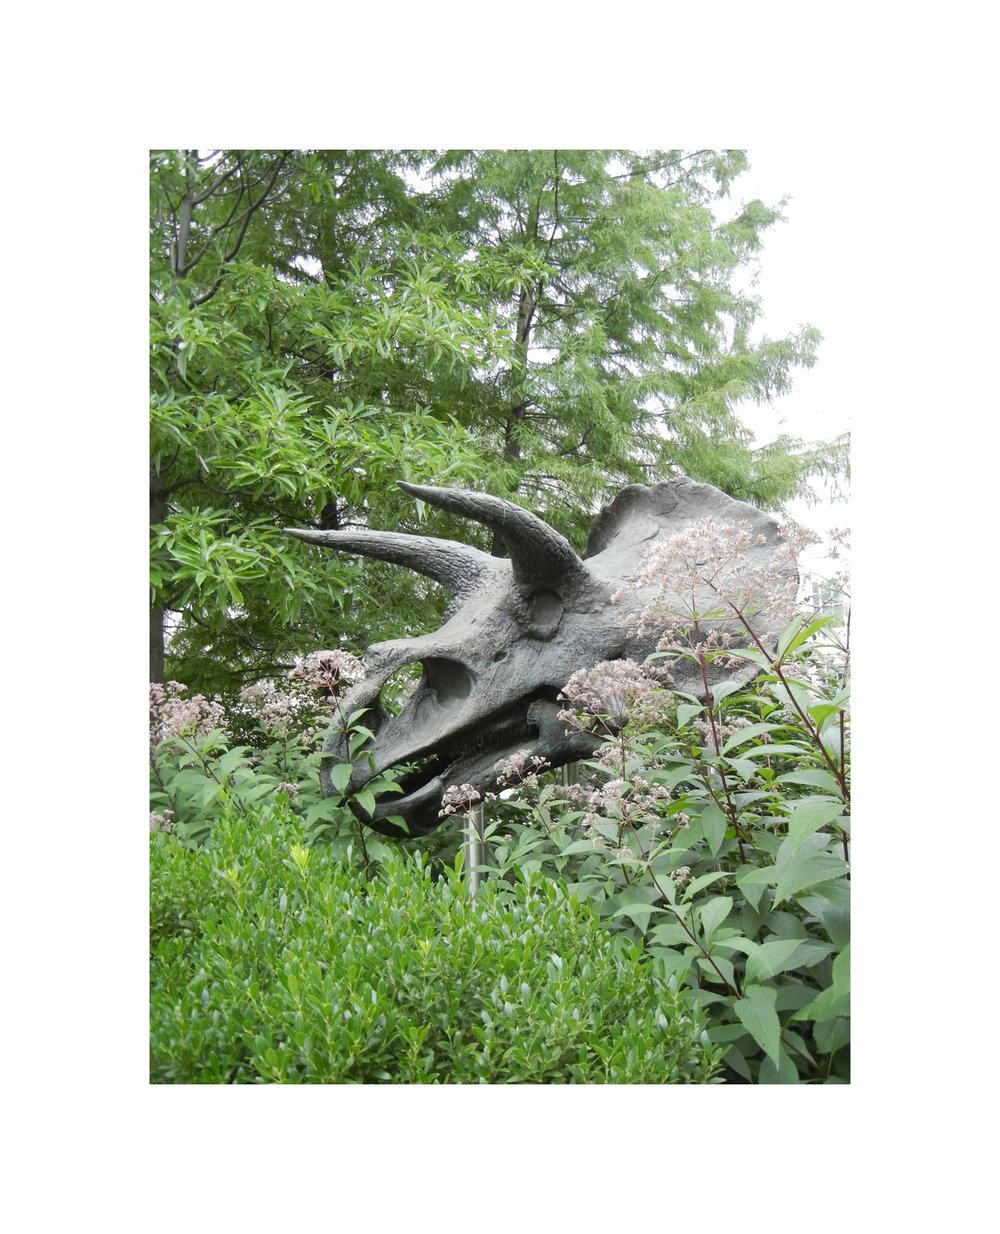 DC_Dinosaur_LR.jpg